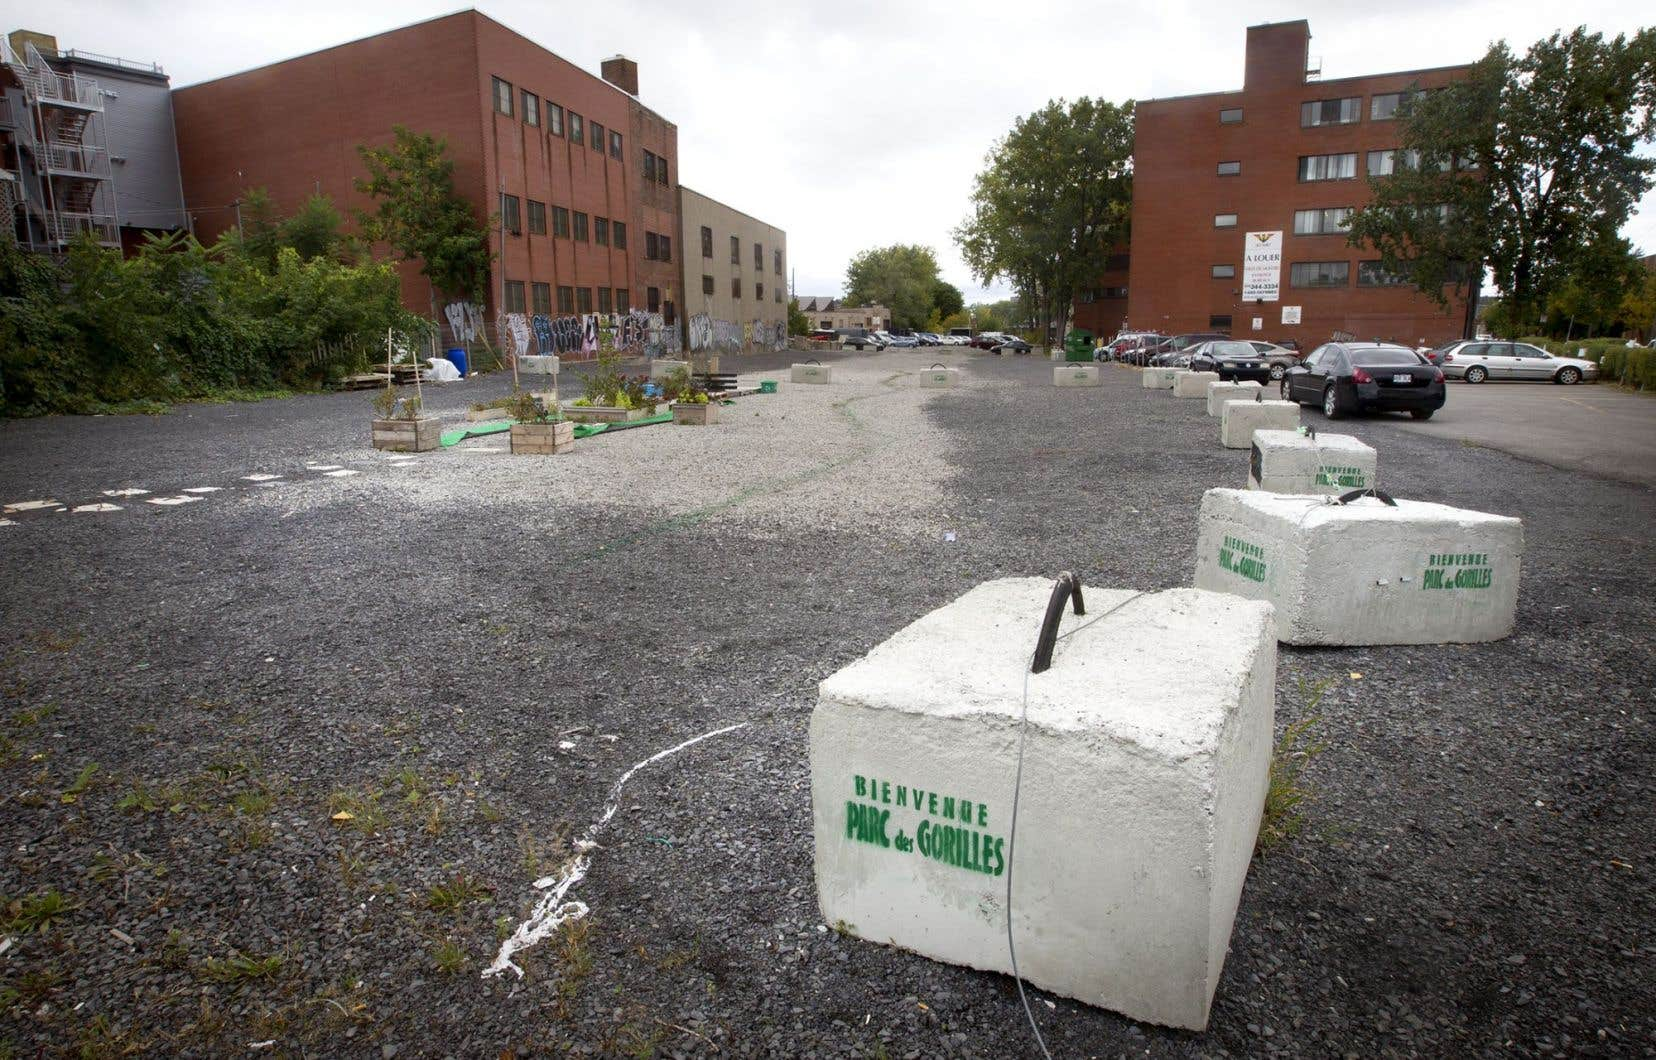 Les Ami(e)s du parc des Gorilles ont obtenu l'assurance que la Ville de Montréal et l'arrondissement travailleraient de pair afin d'acquérir et d'aménager le terrain, qui se trouve au coin des rues Beaubien et Saint-Urbain.